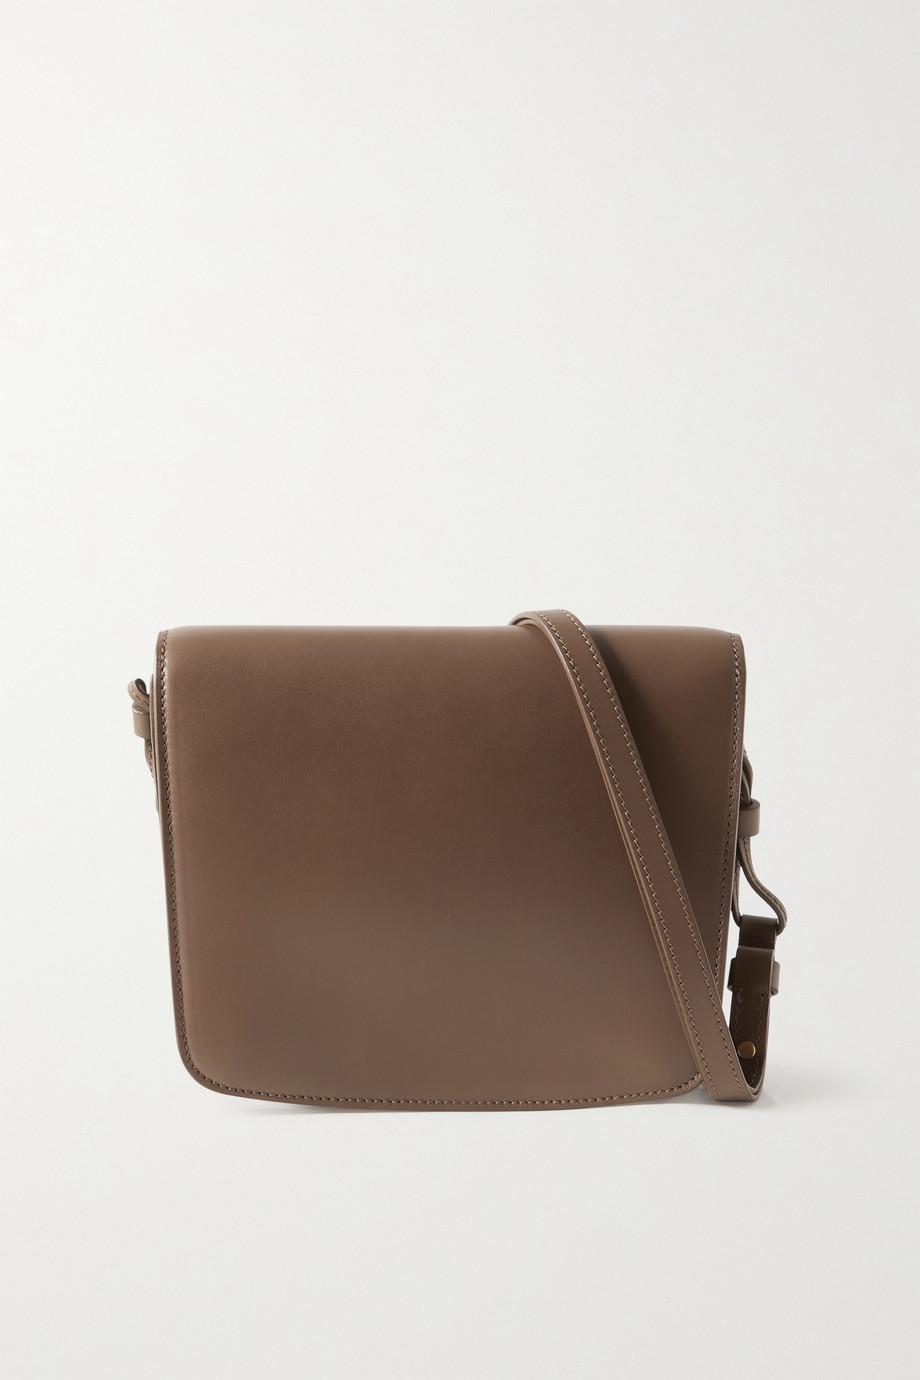 The Row Julien large leather shoulder bag